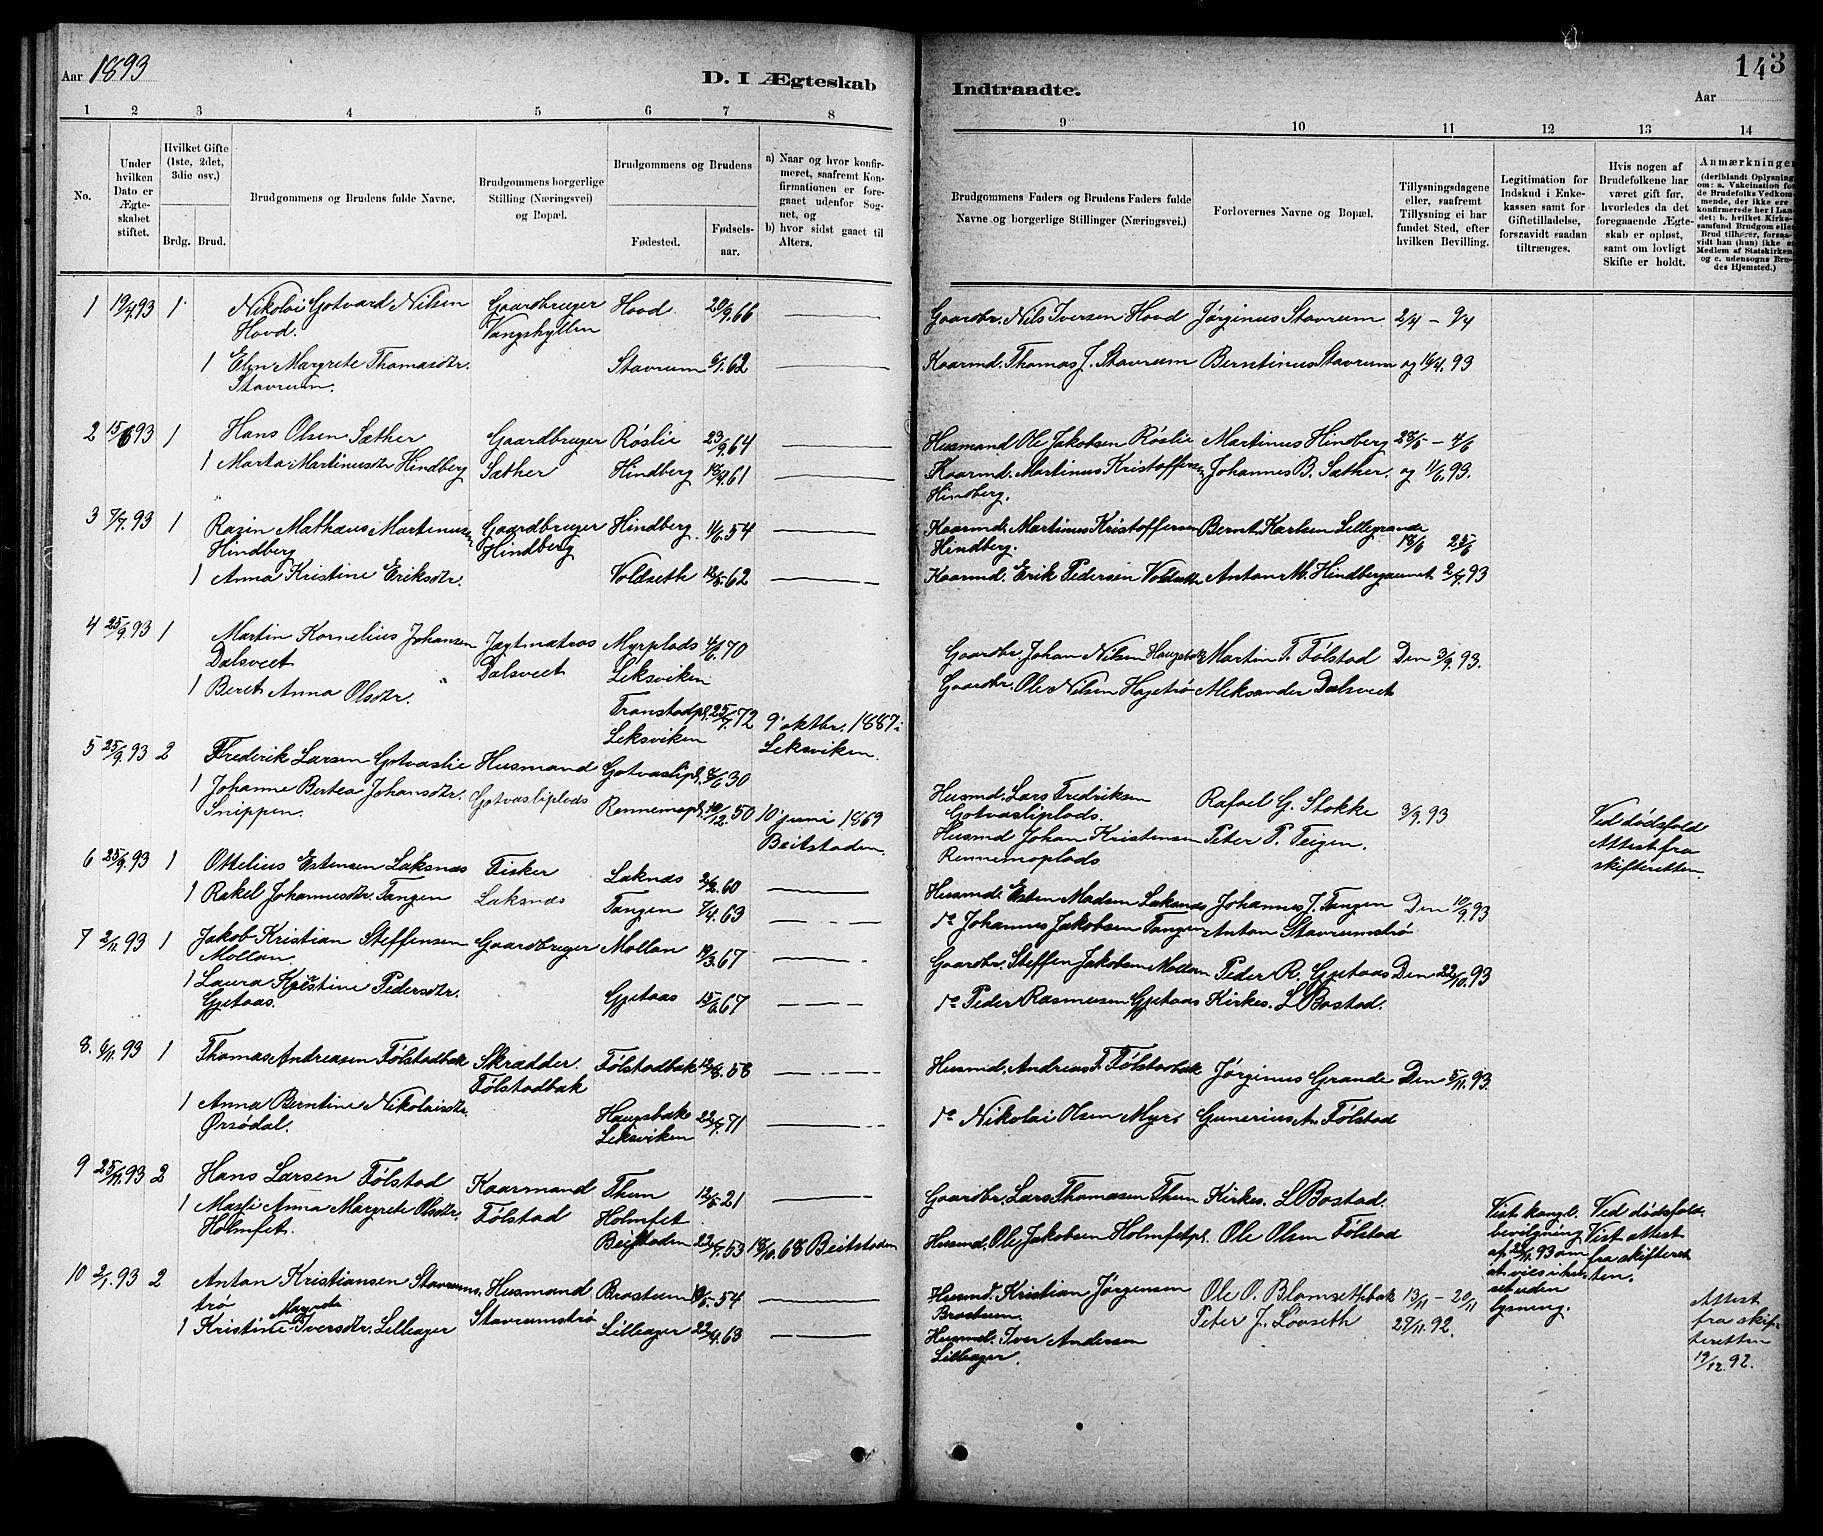 SAT, Ministerialprotokoller, klokkerbøker og fødselsregistre - Nord-Trøndelag, 744/L0423: Klokkerbok nr. 744C02, 1886-1905, s. 143